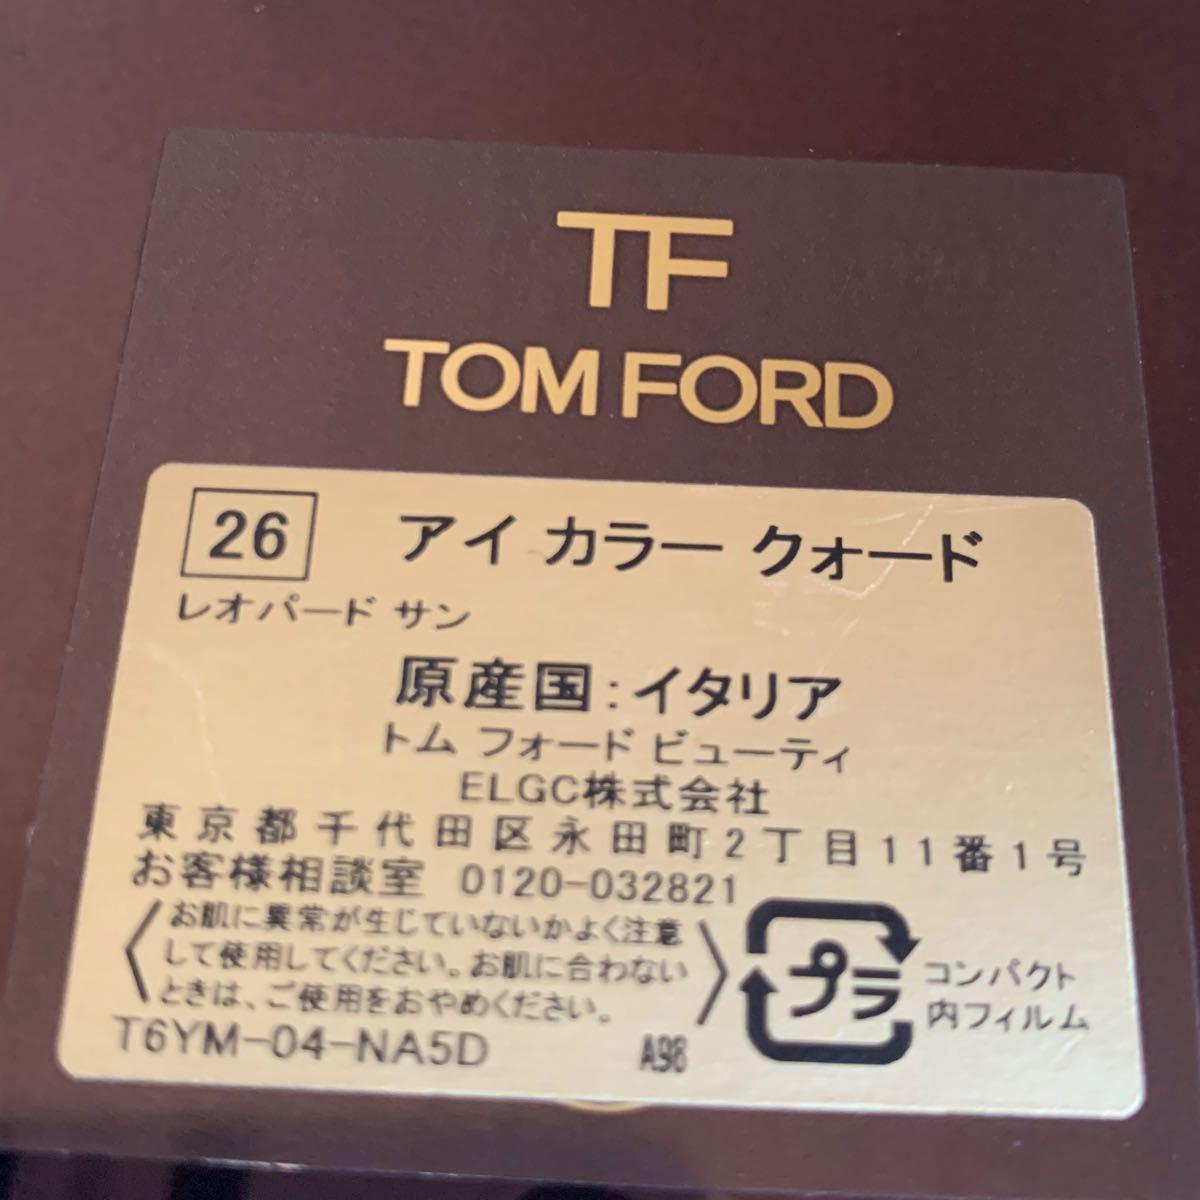 トムフォード アイカラークォード #26 レオパードサン